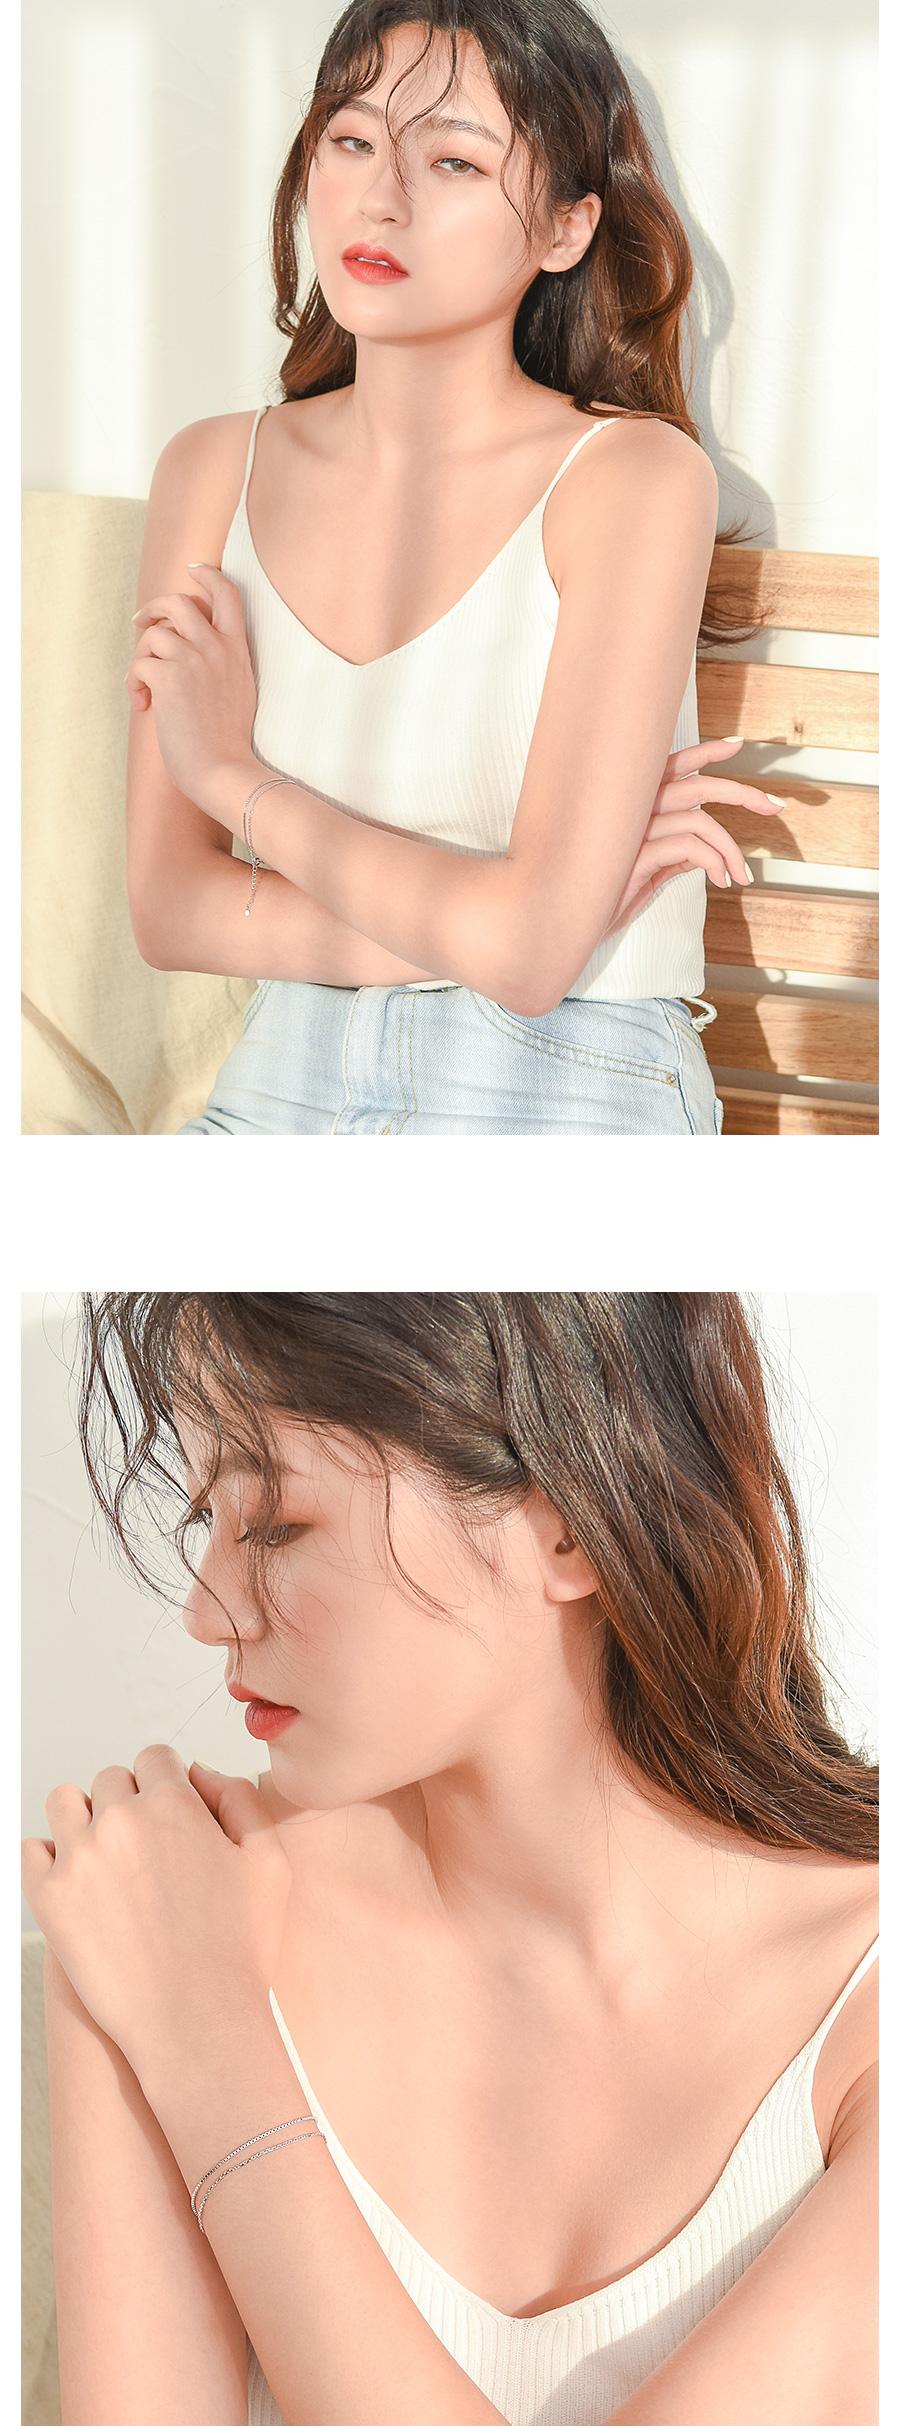 플랫 체인 레이어드 은팔찌 - 데일리유니크, 29,900원, 팔찌, 패션팔찌